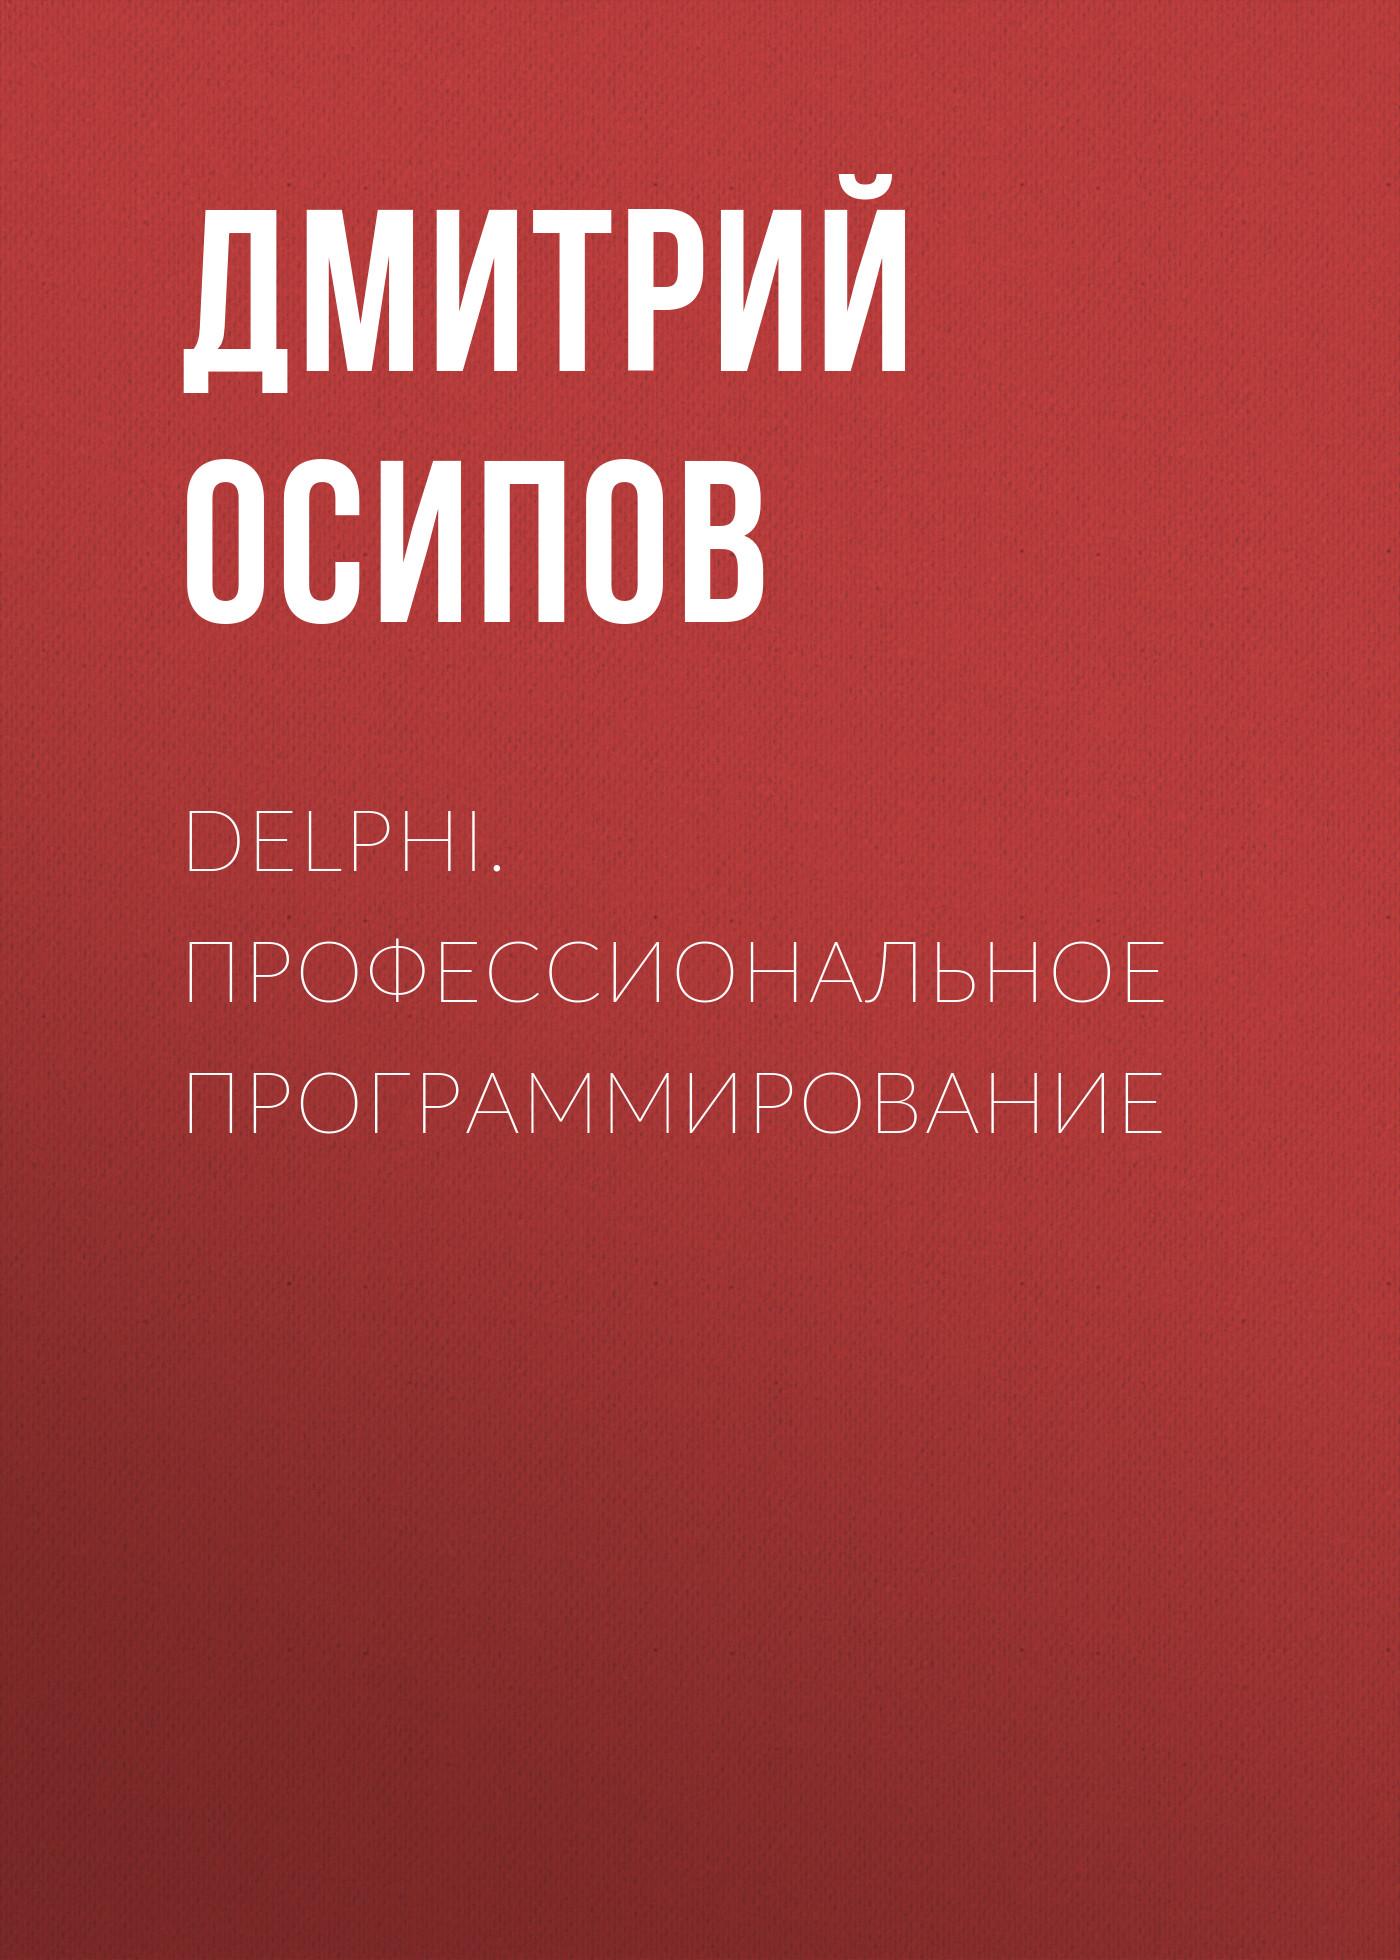 Дмитрий Осипов Delphi. Профессиональное программирование